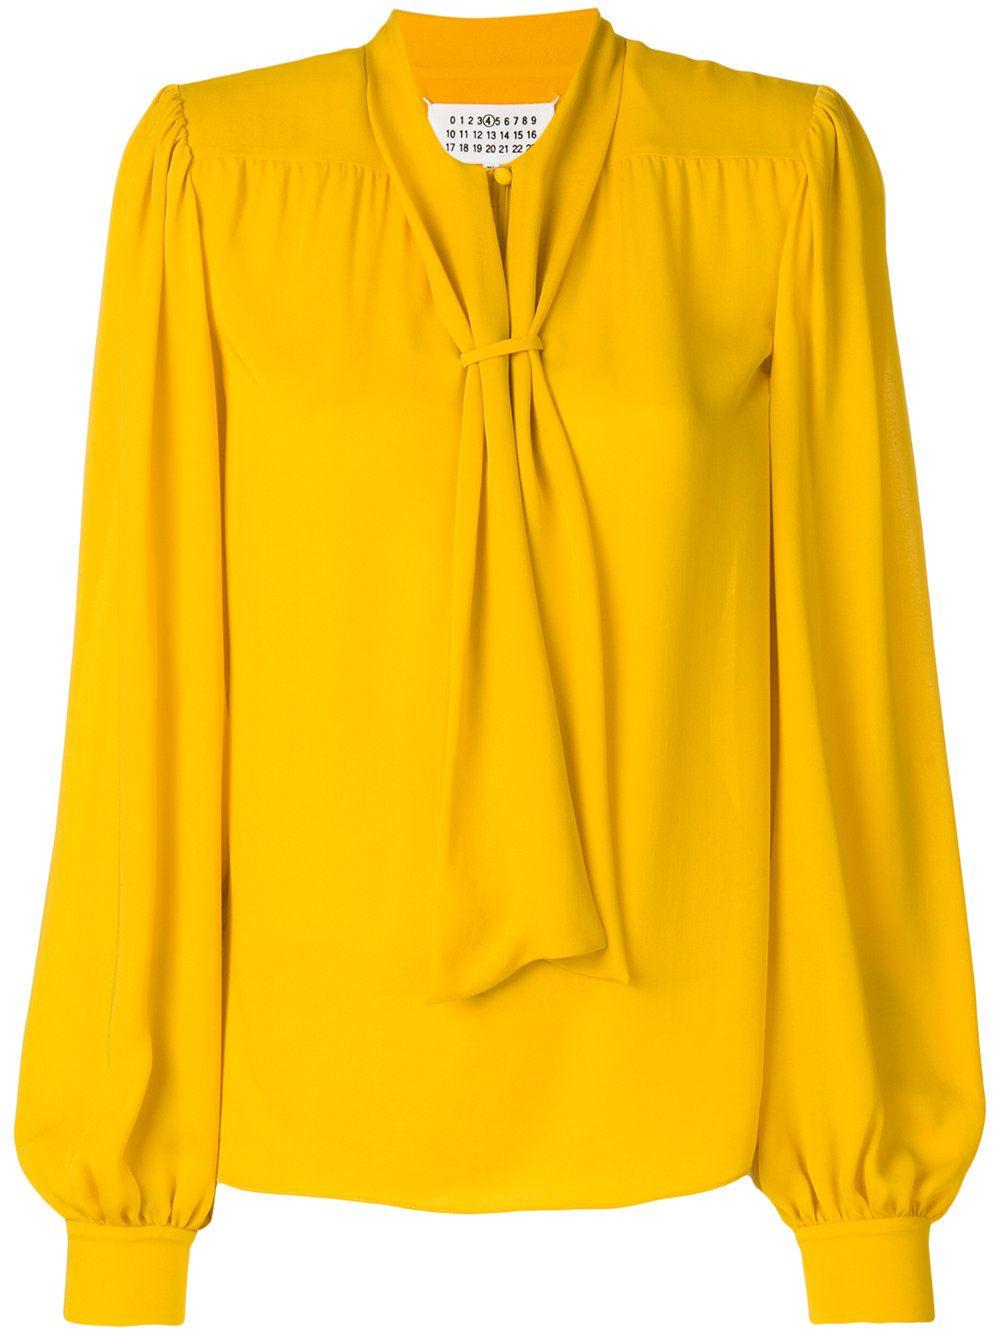 Желтая Блузка С Бантом Купить